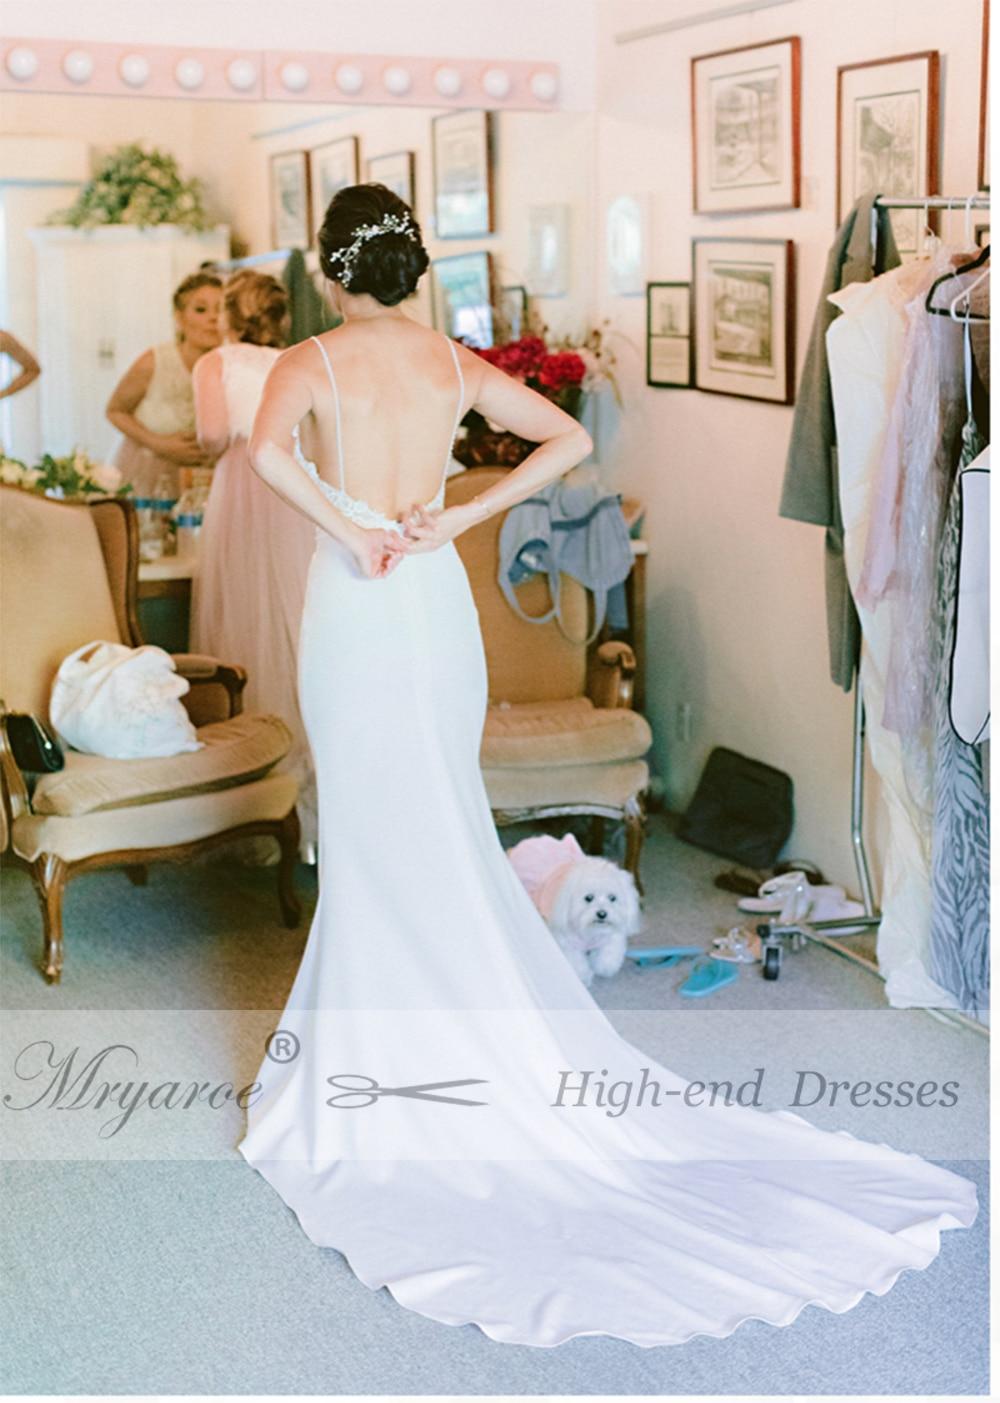 Image 5 - Mryarce Unique Bridal Crepe Mermaid Gowns Spaghetti Straps Lace Beading Open Back Wedding DressesWedding Dresses   -